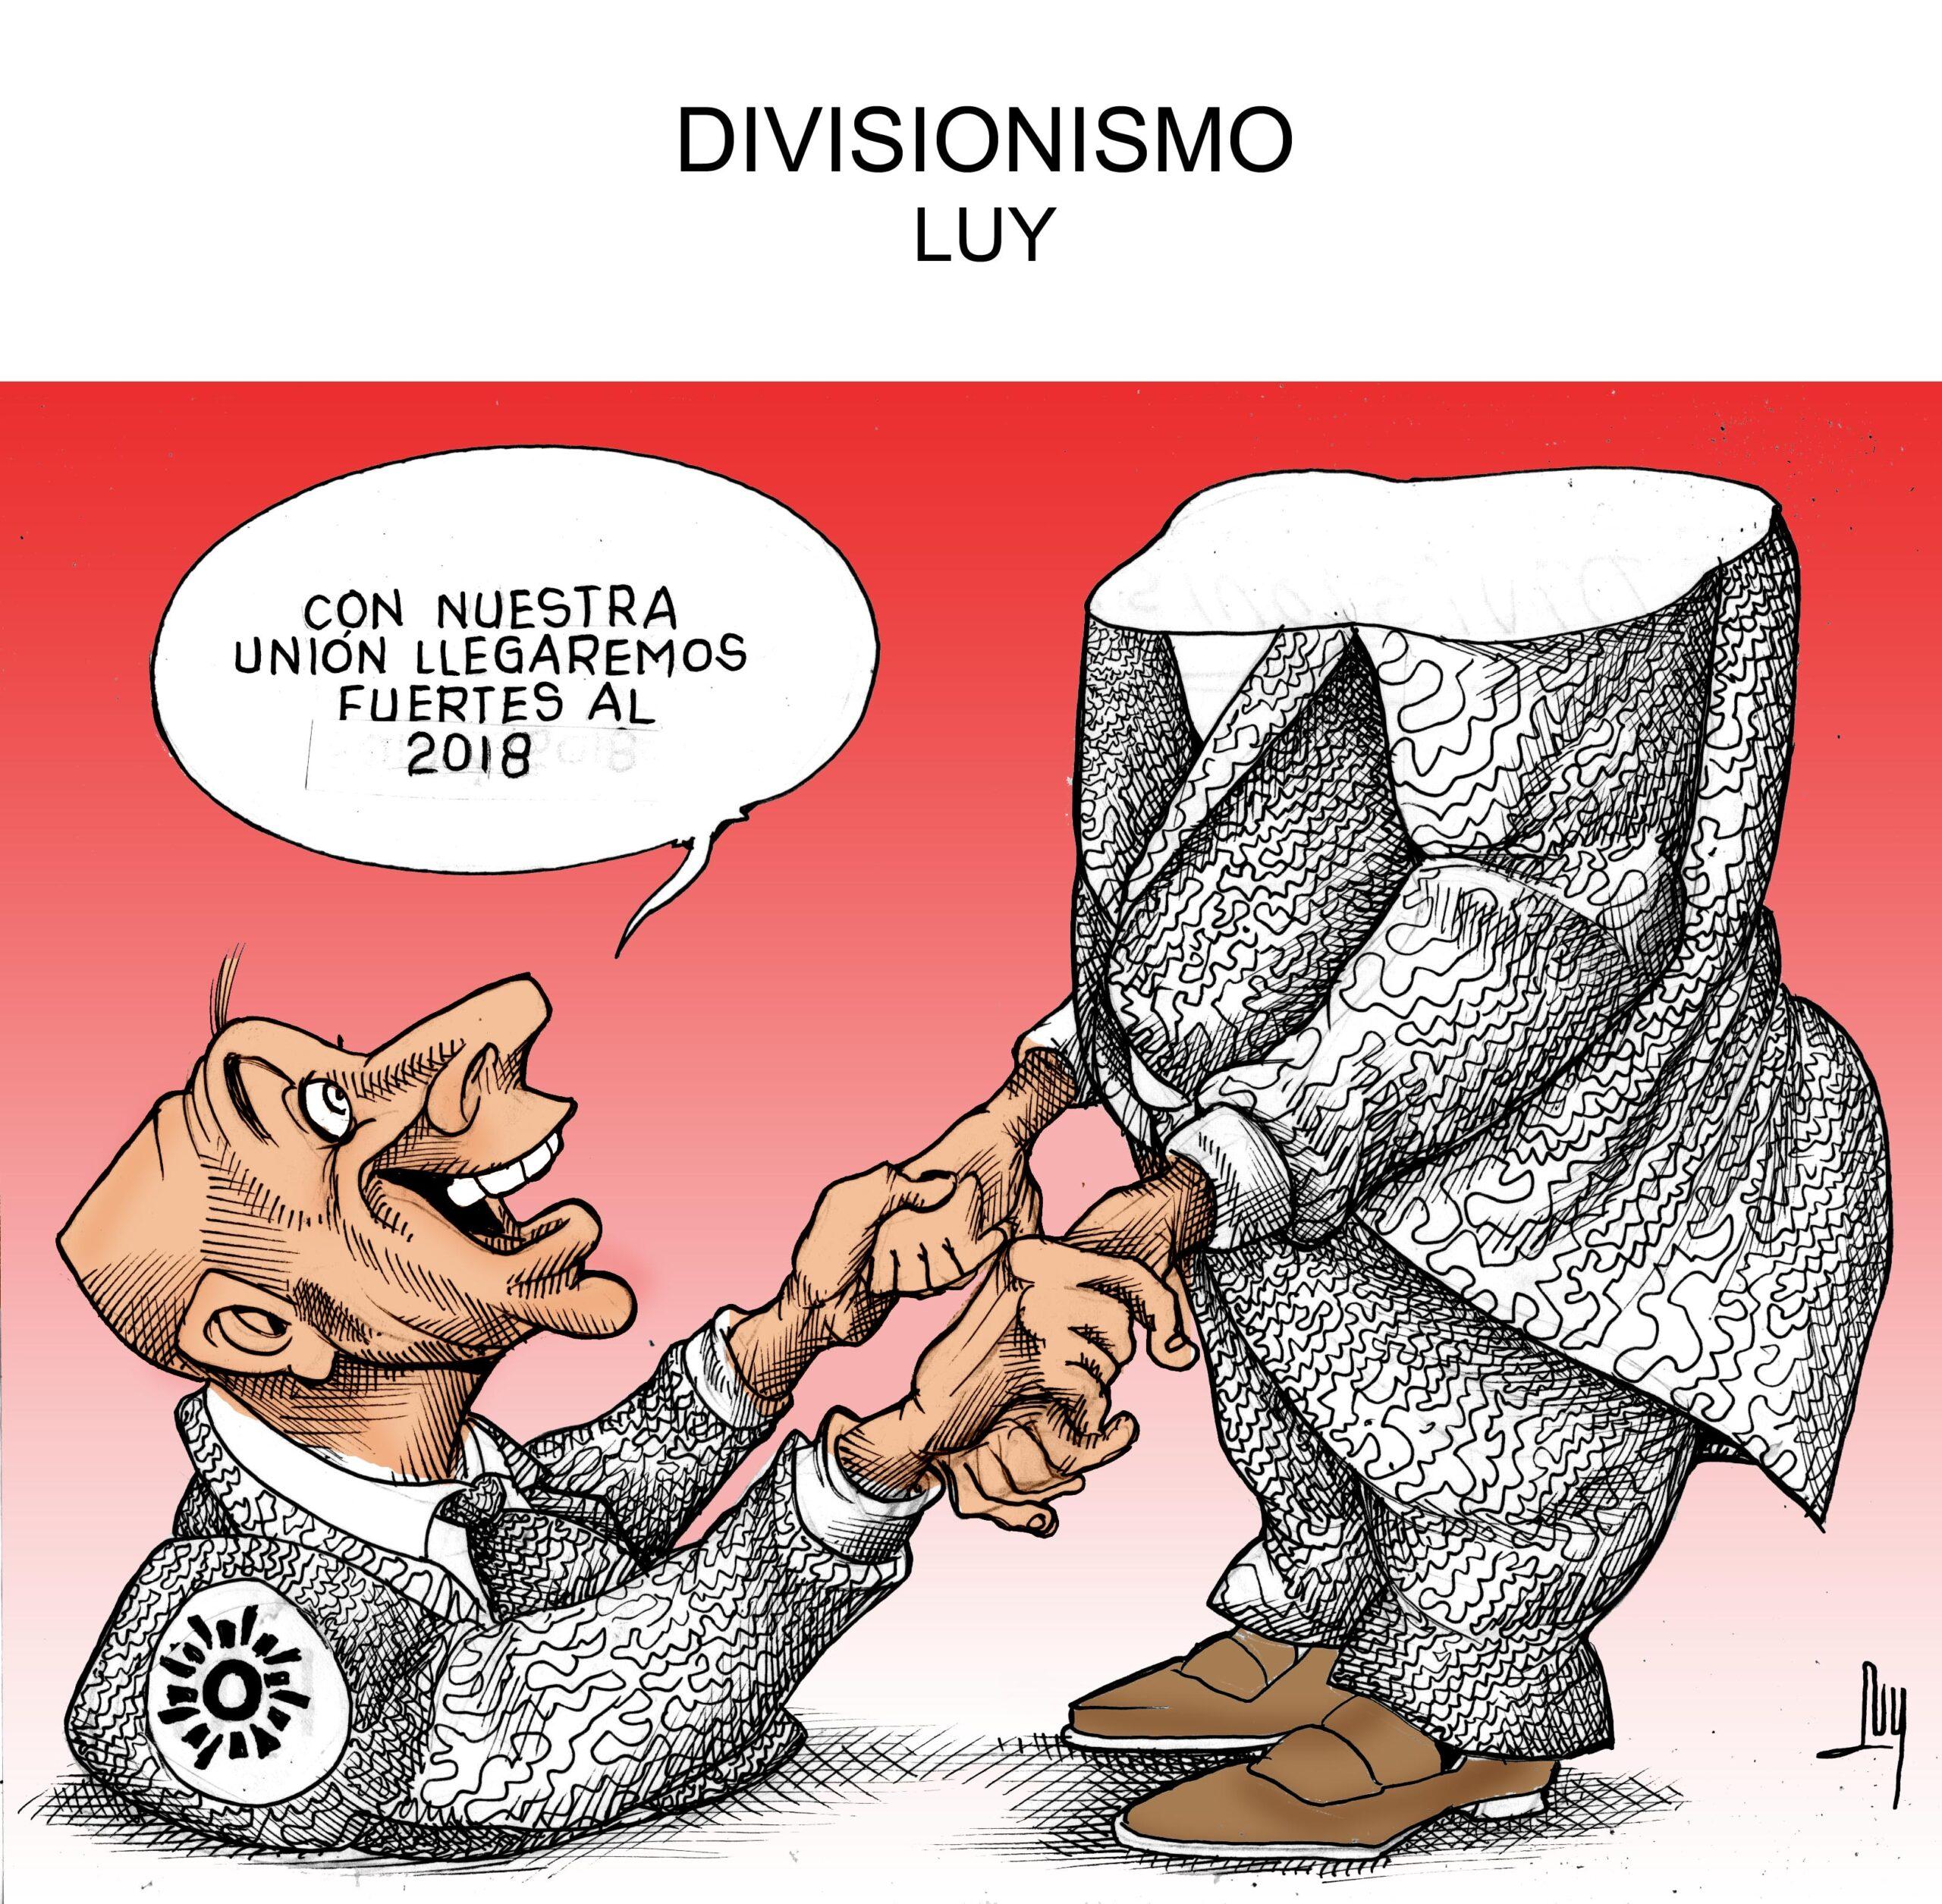 divisionismo